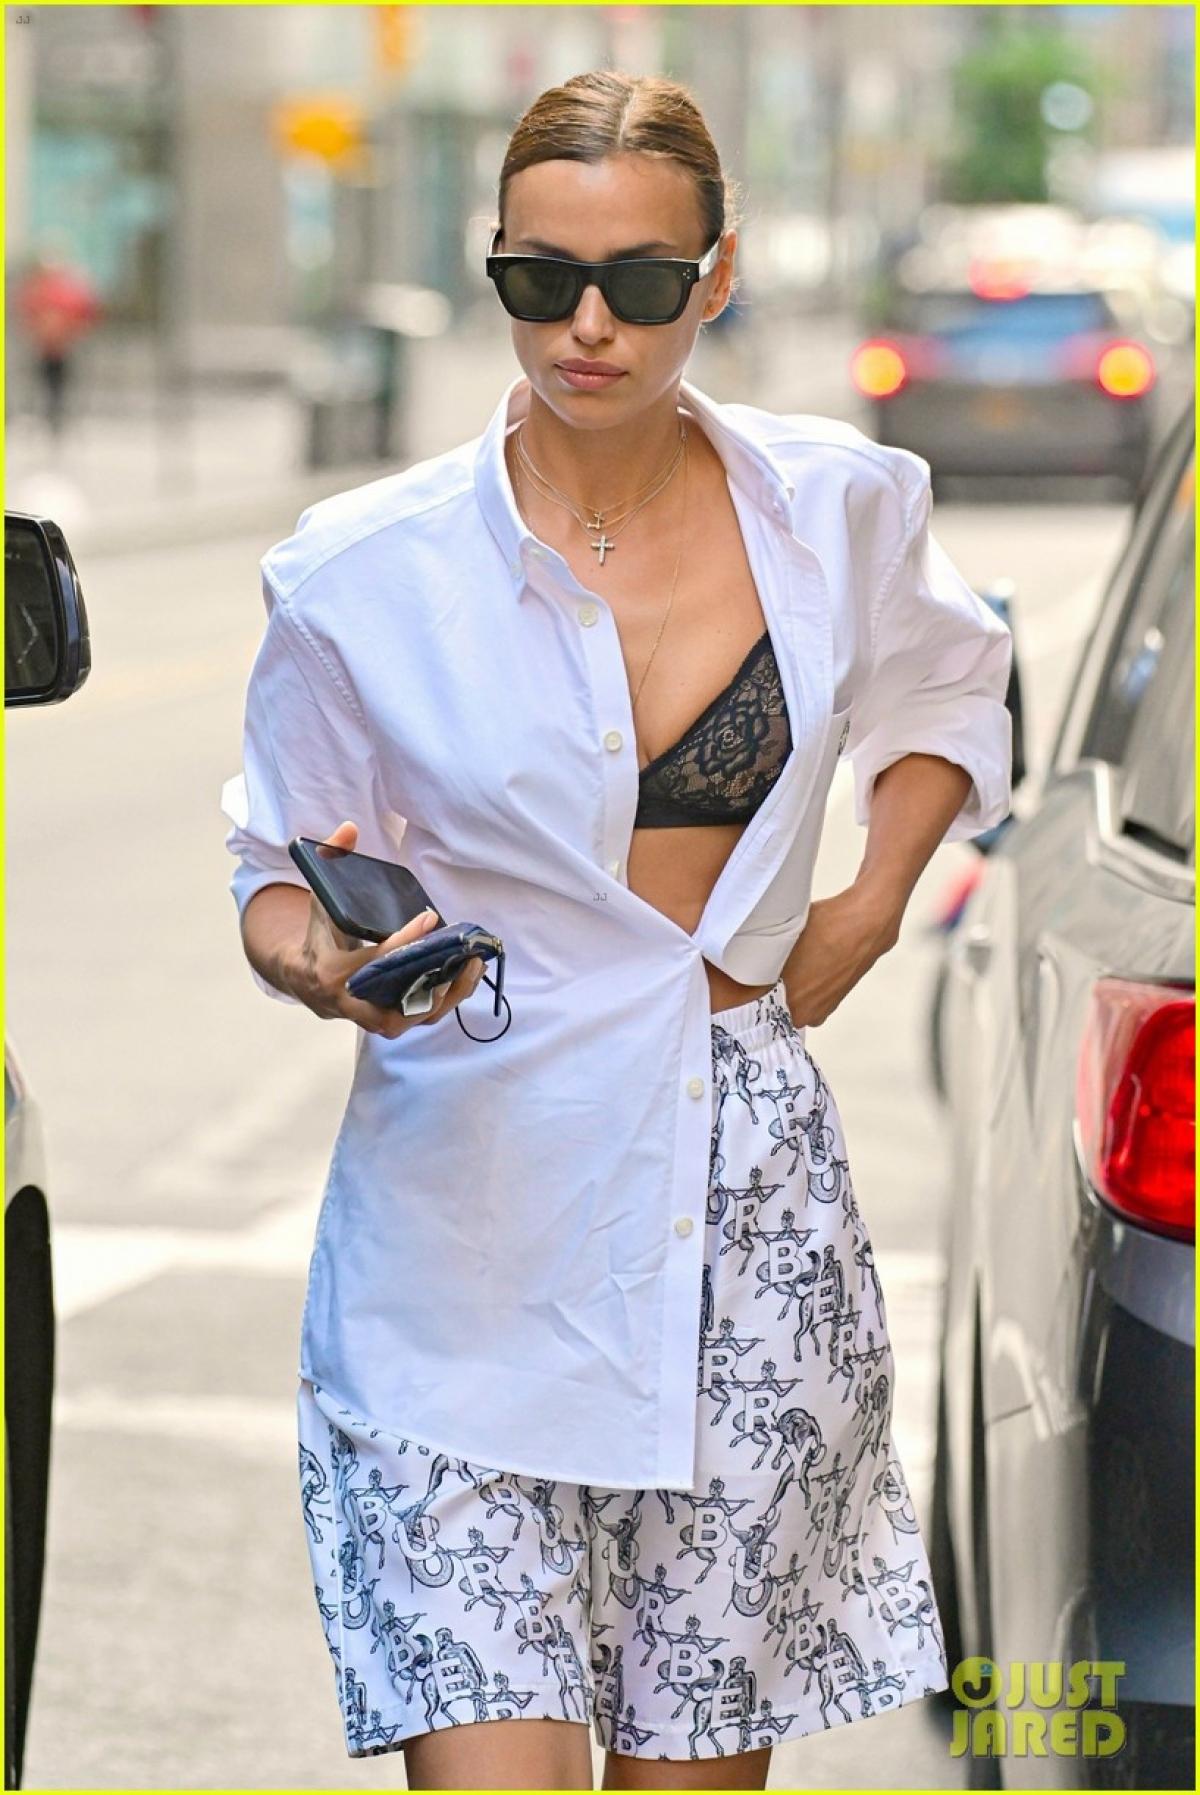 Mới đây, Irina Shayk gây chú ý khi tái xuất một mình trên phố ở New York.